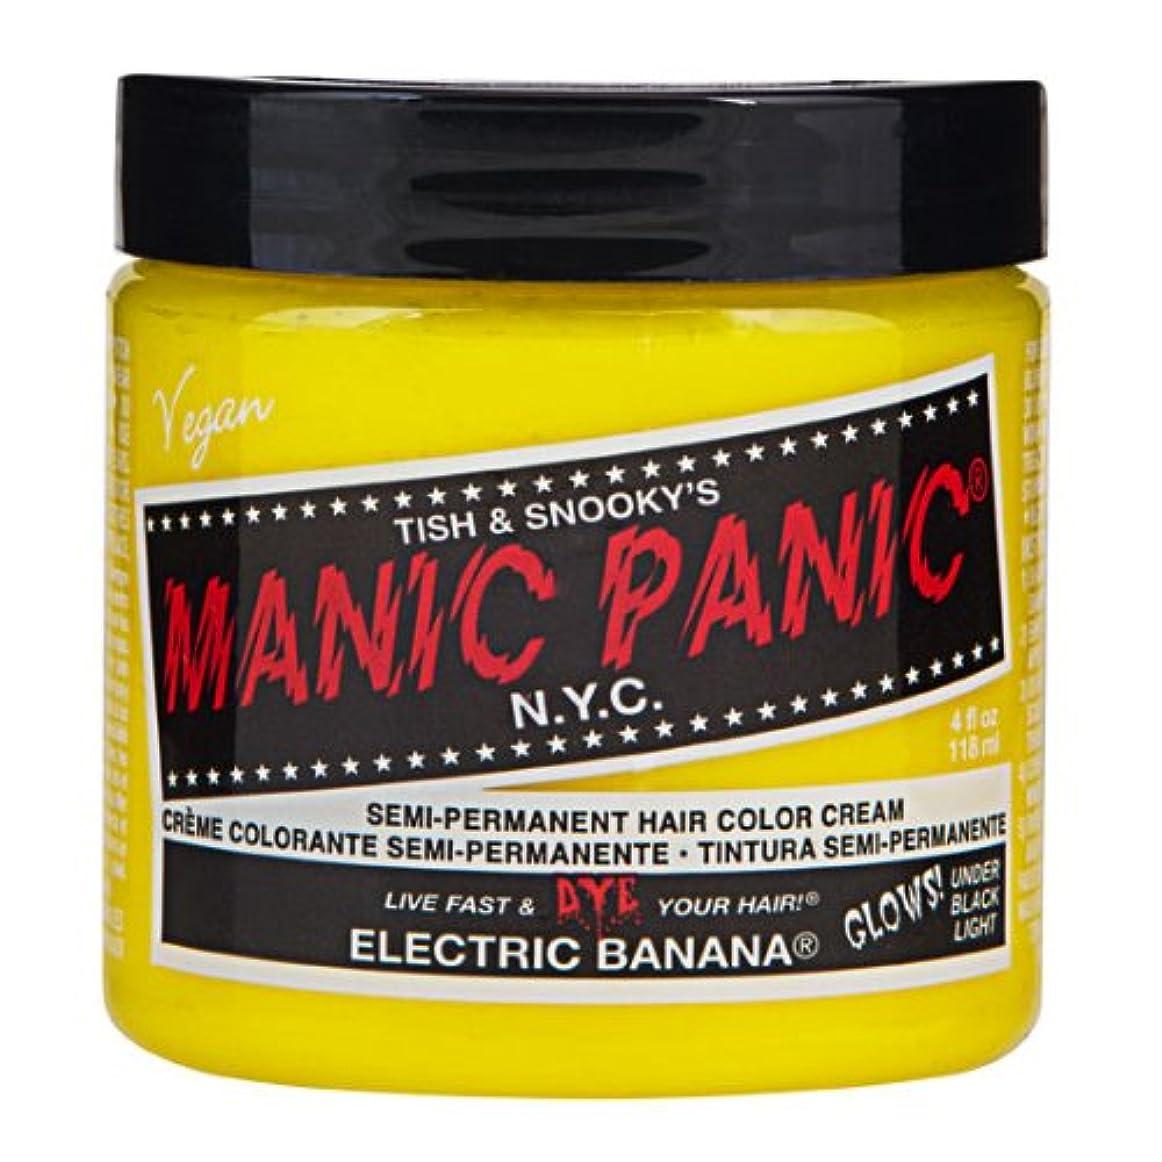 それに応じて子供達先のことを考えるマニックパニック MANIC PANIC ヘアカラー 118mlエレクトリックバナナ ヘアーカラー